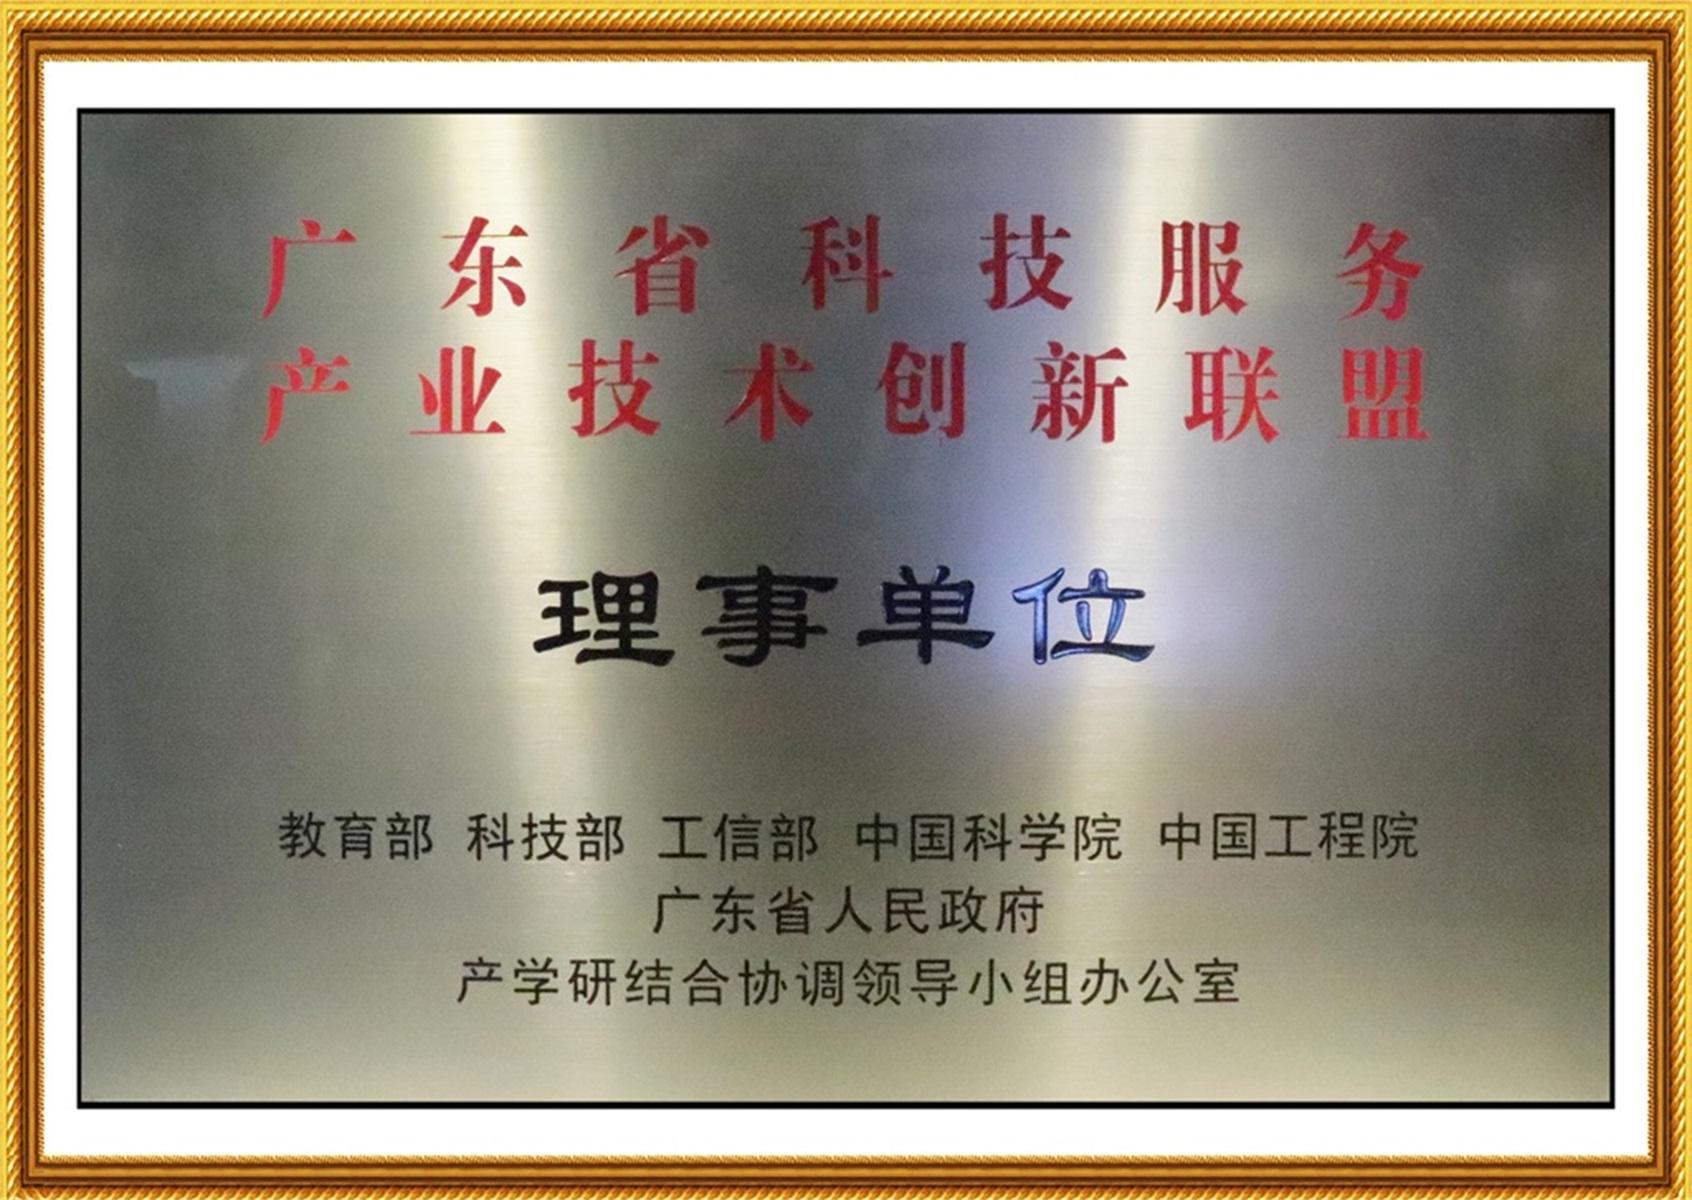 广东省科技服务产业技术创新联盟-理事单位-2018年12月